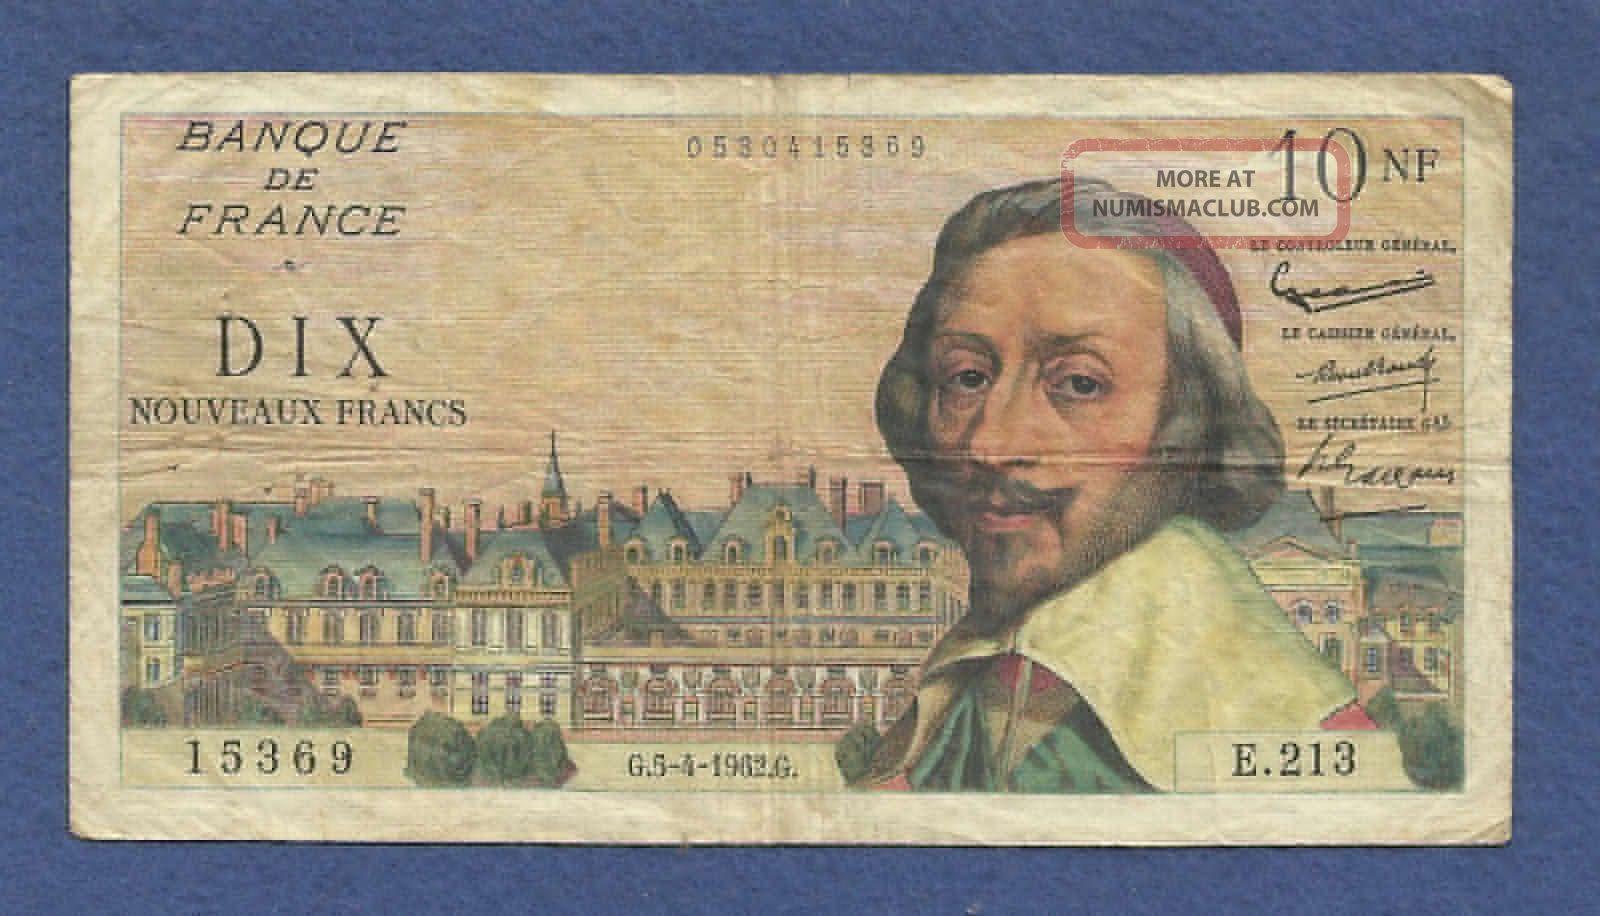 France 10 Nouveaux Francs 1962 Banknote 0530415369,  -  Richelieu,   P - 142 Europe photo